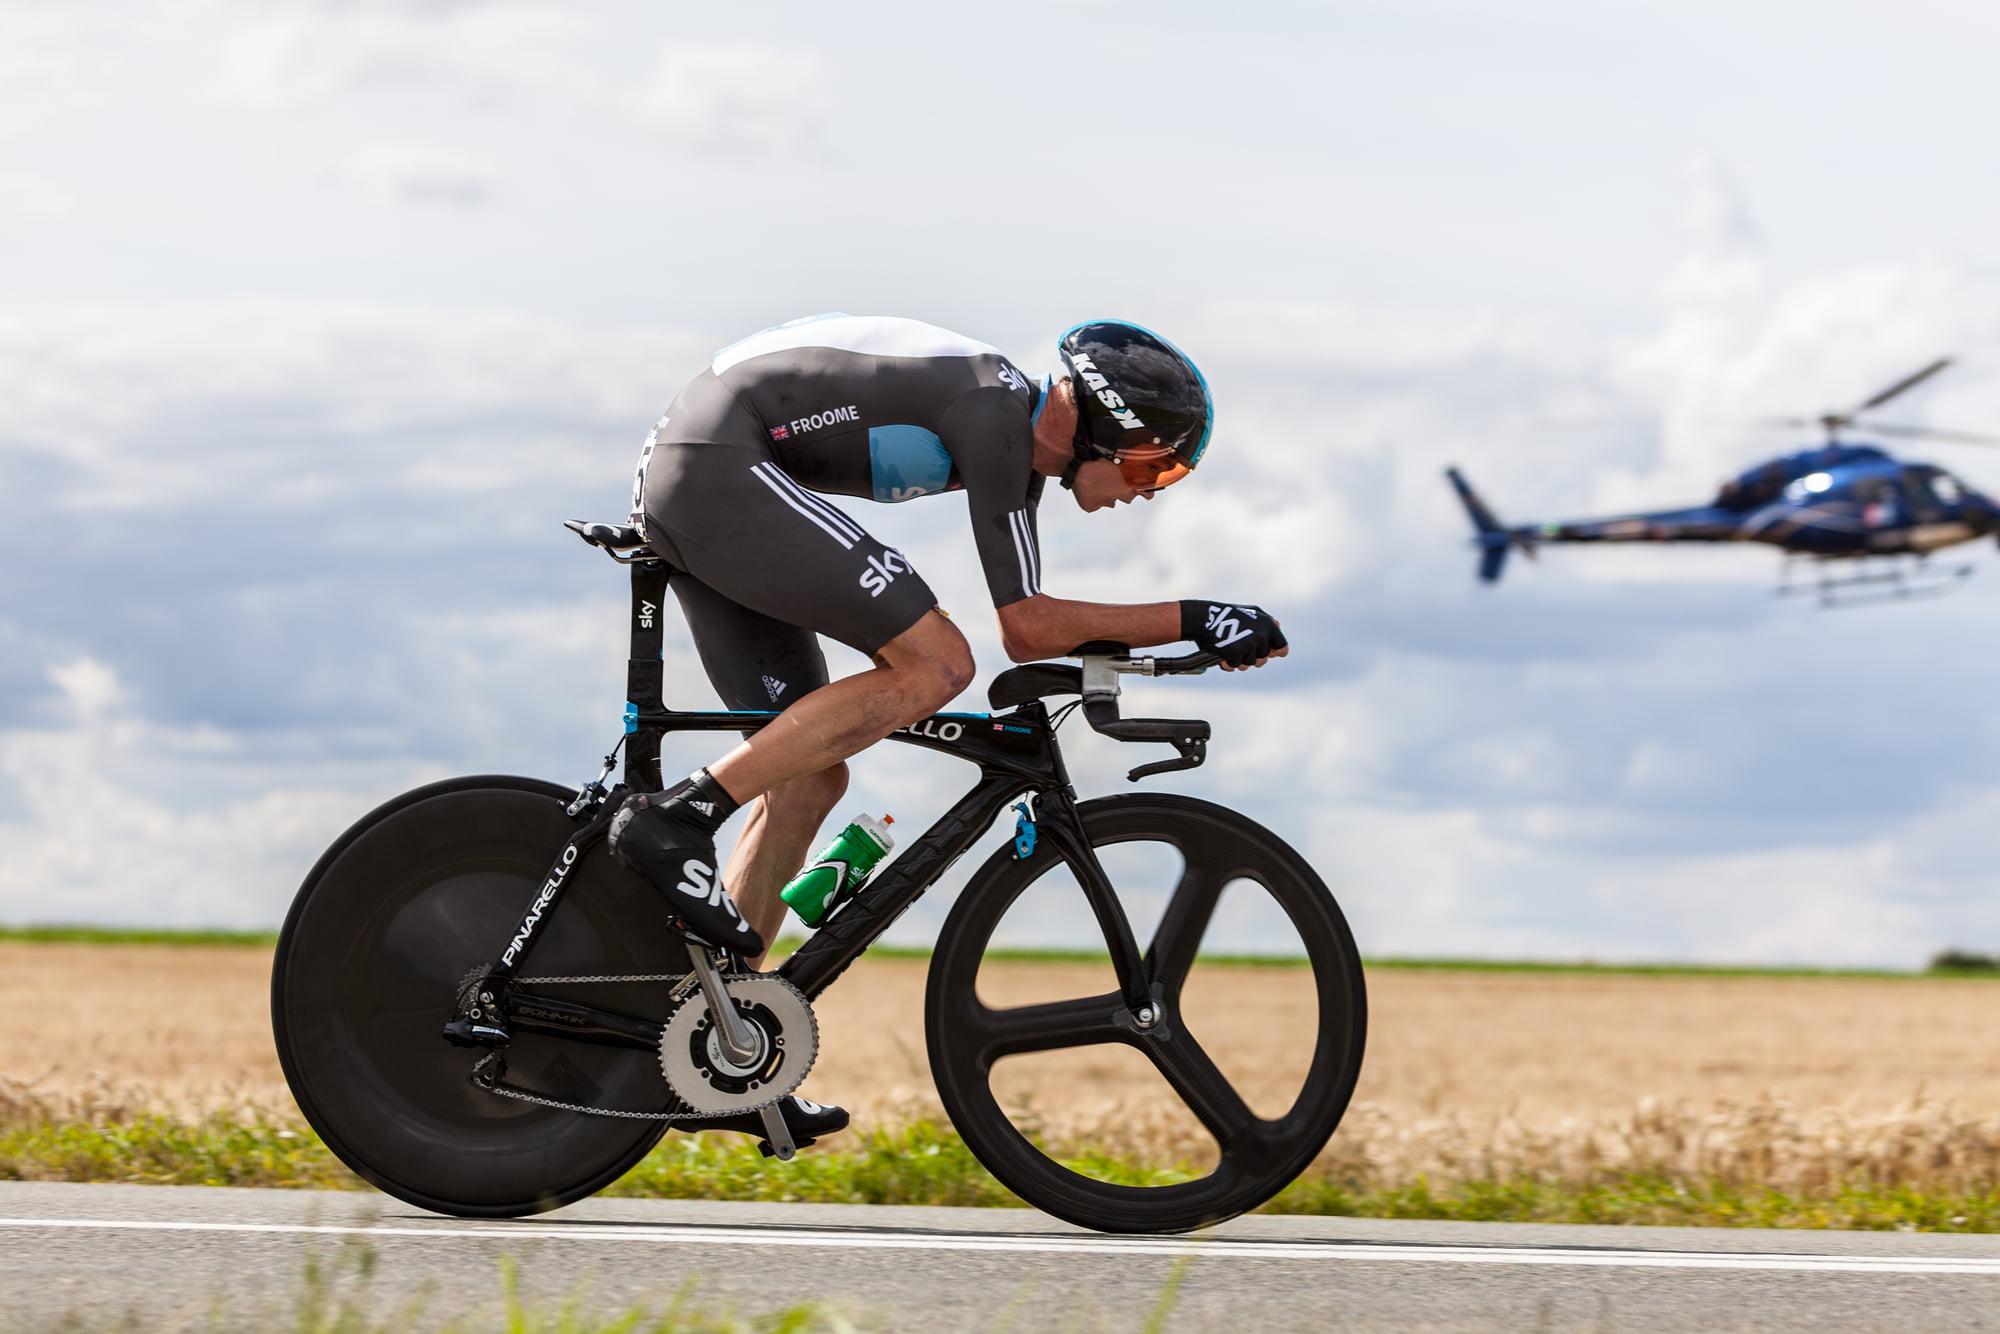 beste triathlonfietsen 2020